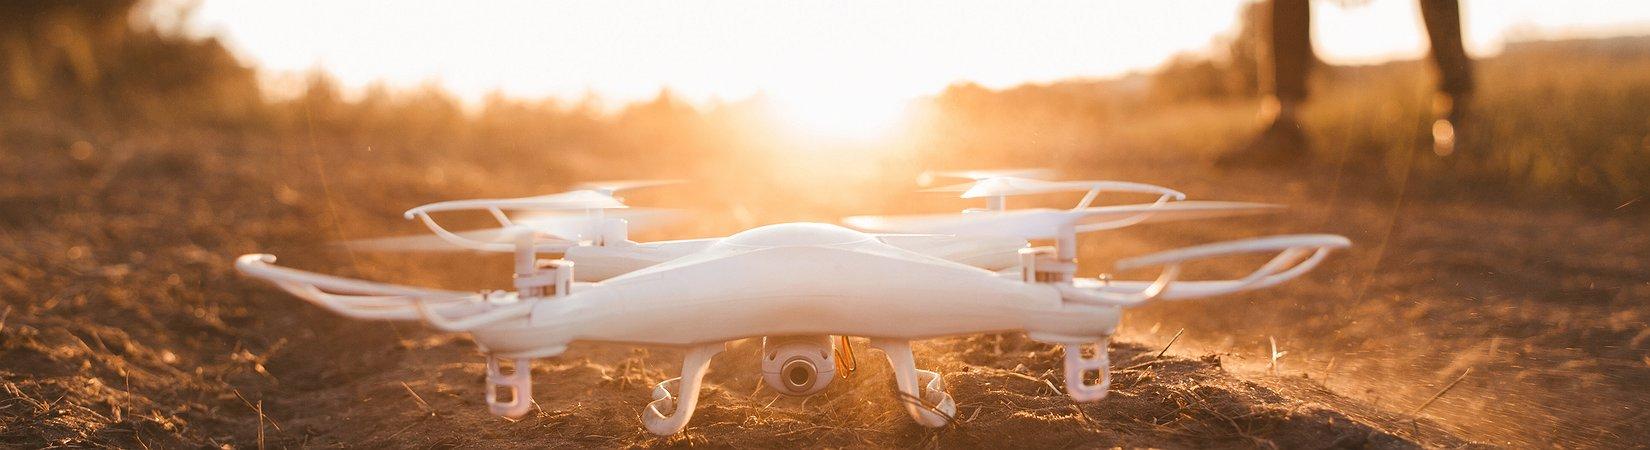 Los 6 vídeos más innovadores del año realizados con drones